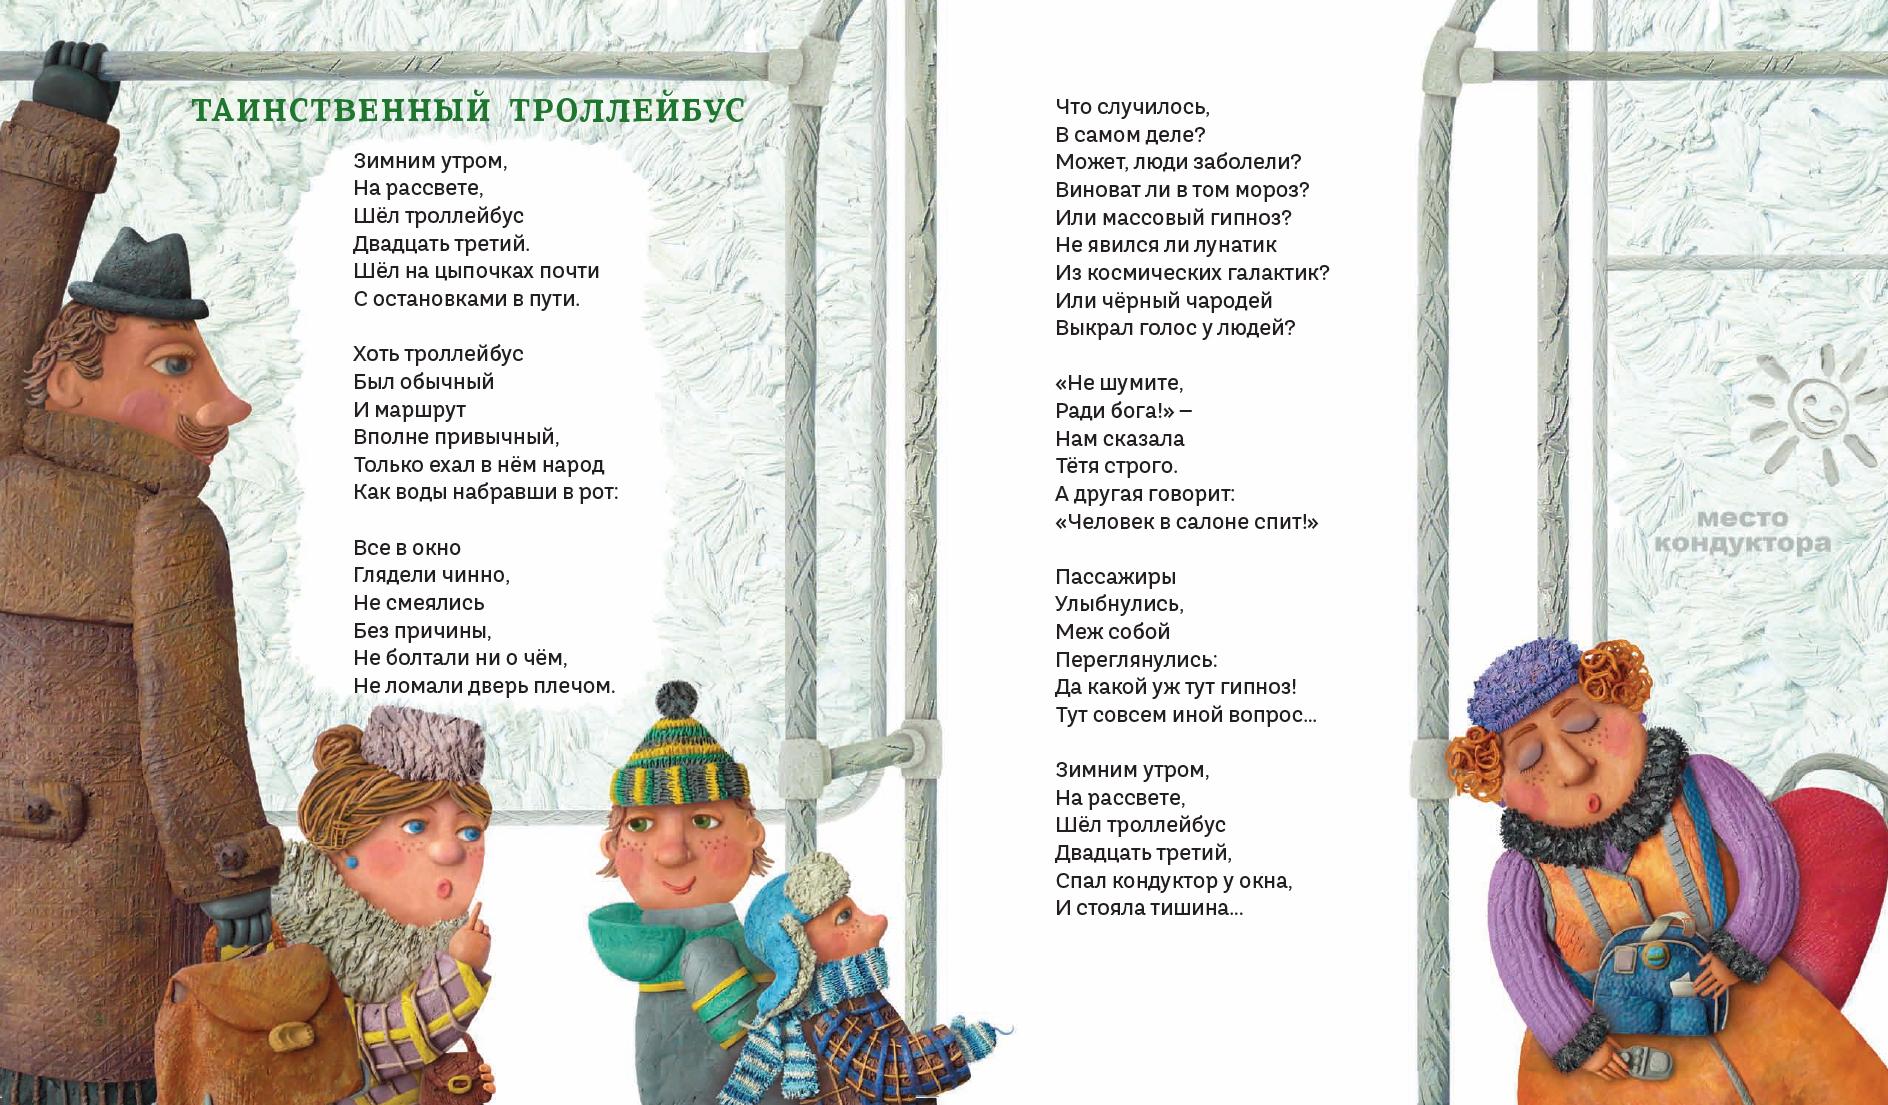 Детские книги, стихи для детей, детские стихи, поэзия для детей, елена харламова, русские стихи для детей